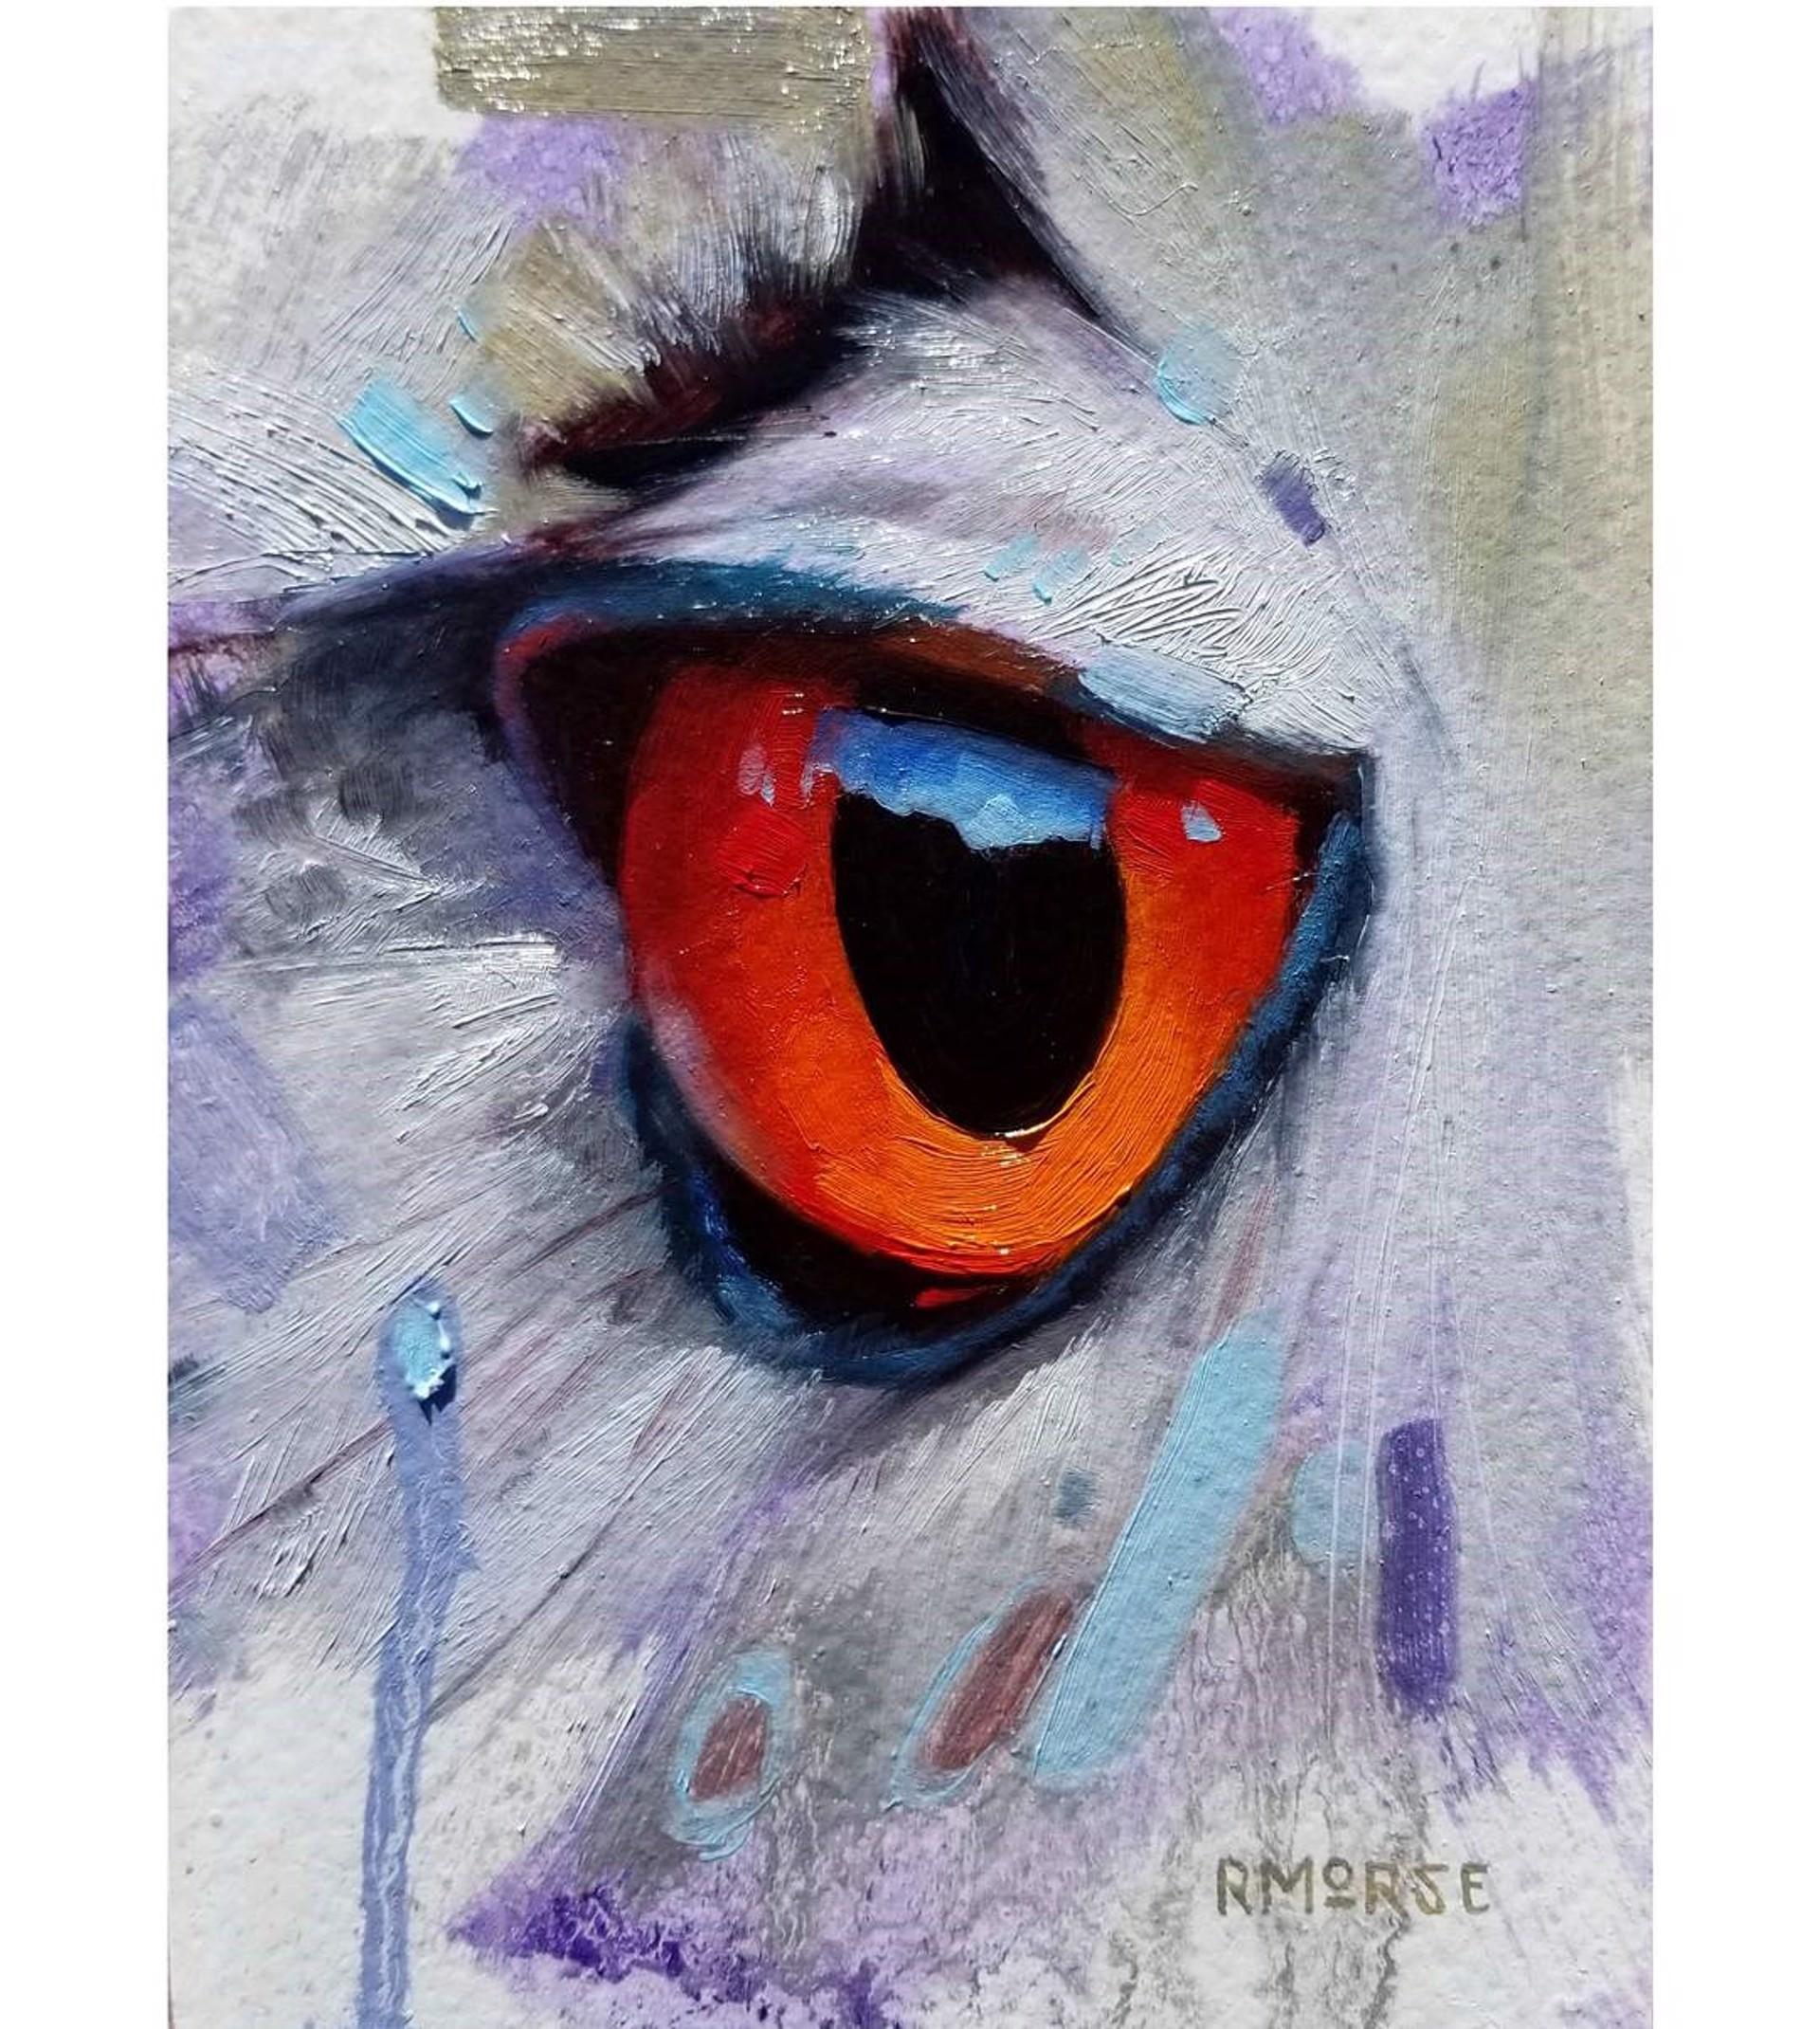 Scarlet Eye by Ryan Morse